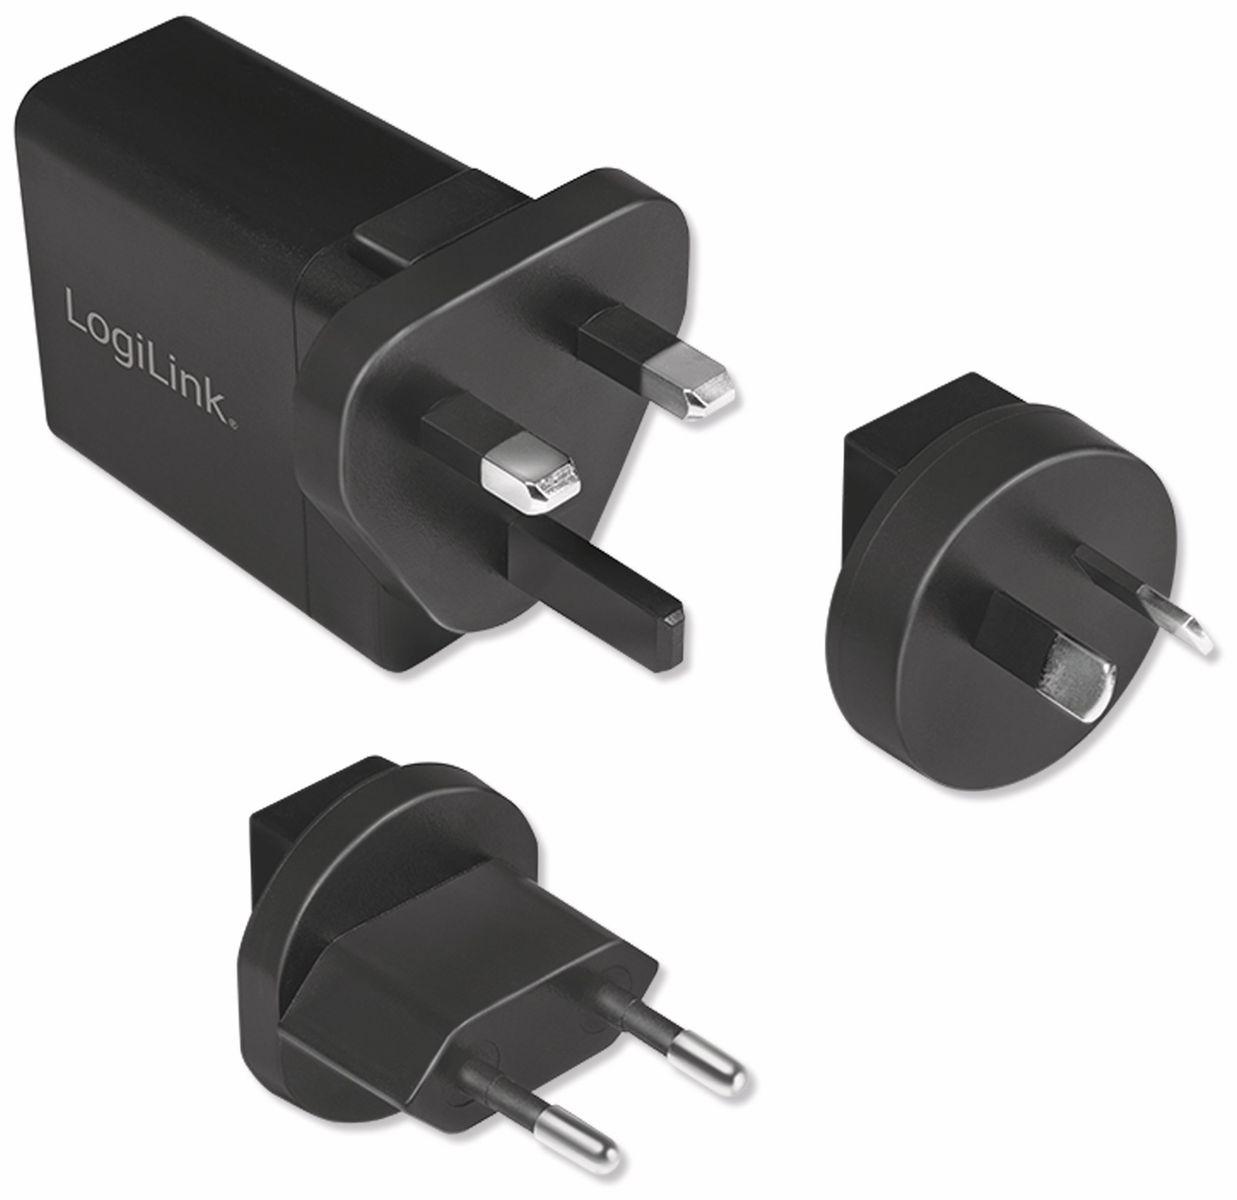 USB Lader,Logilink, PA0131, KFZ, 2 fach, 5 V2,1 A online